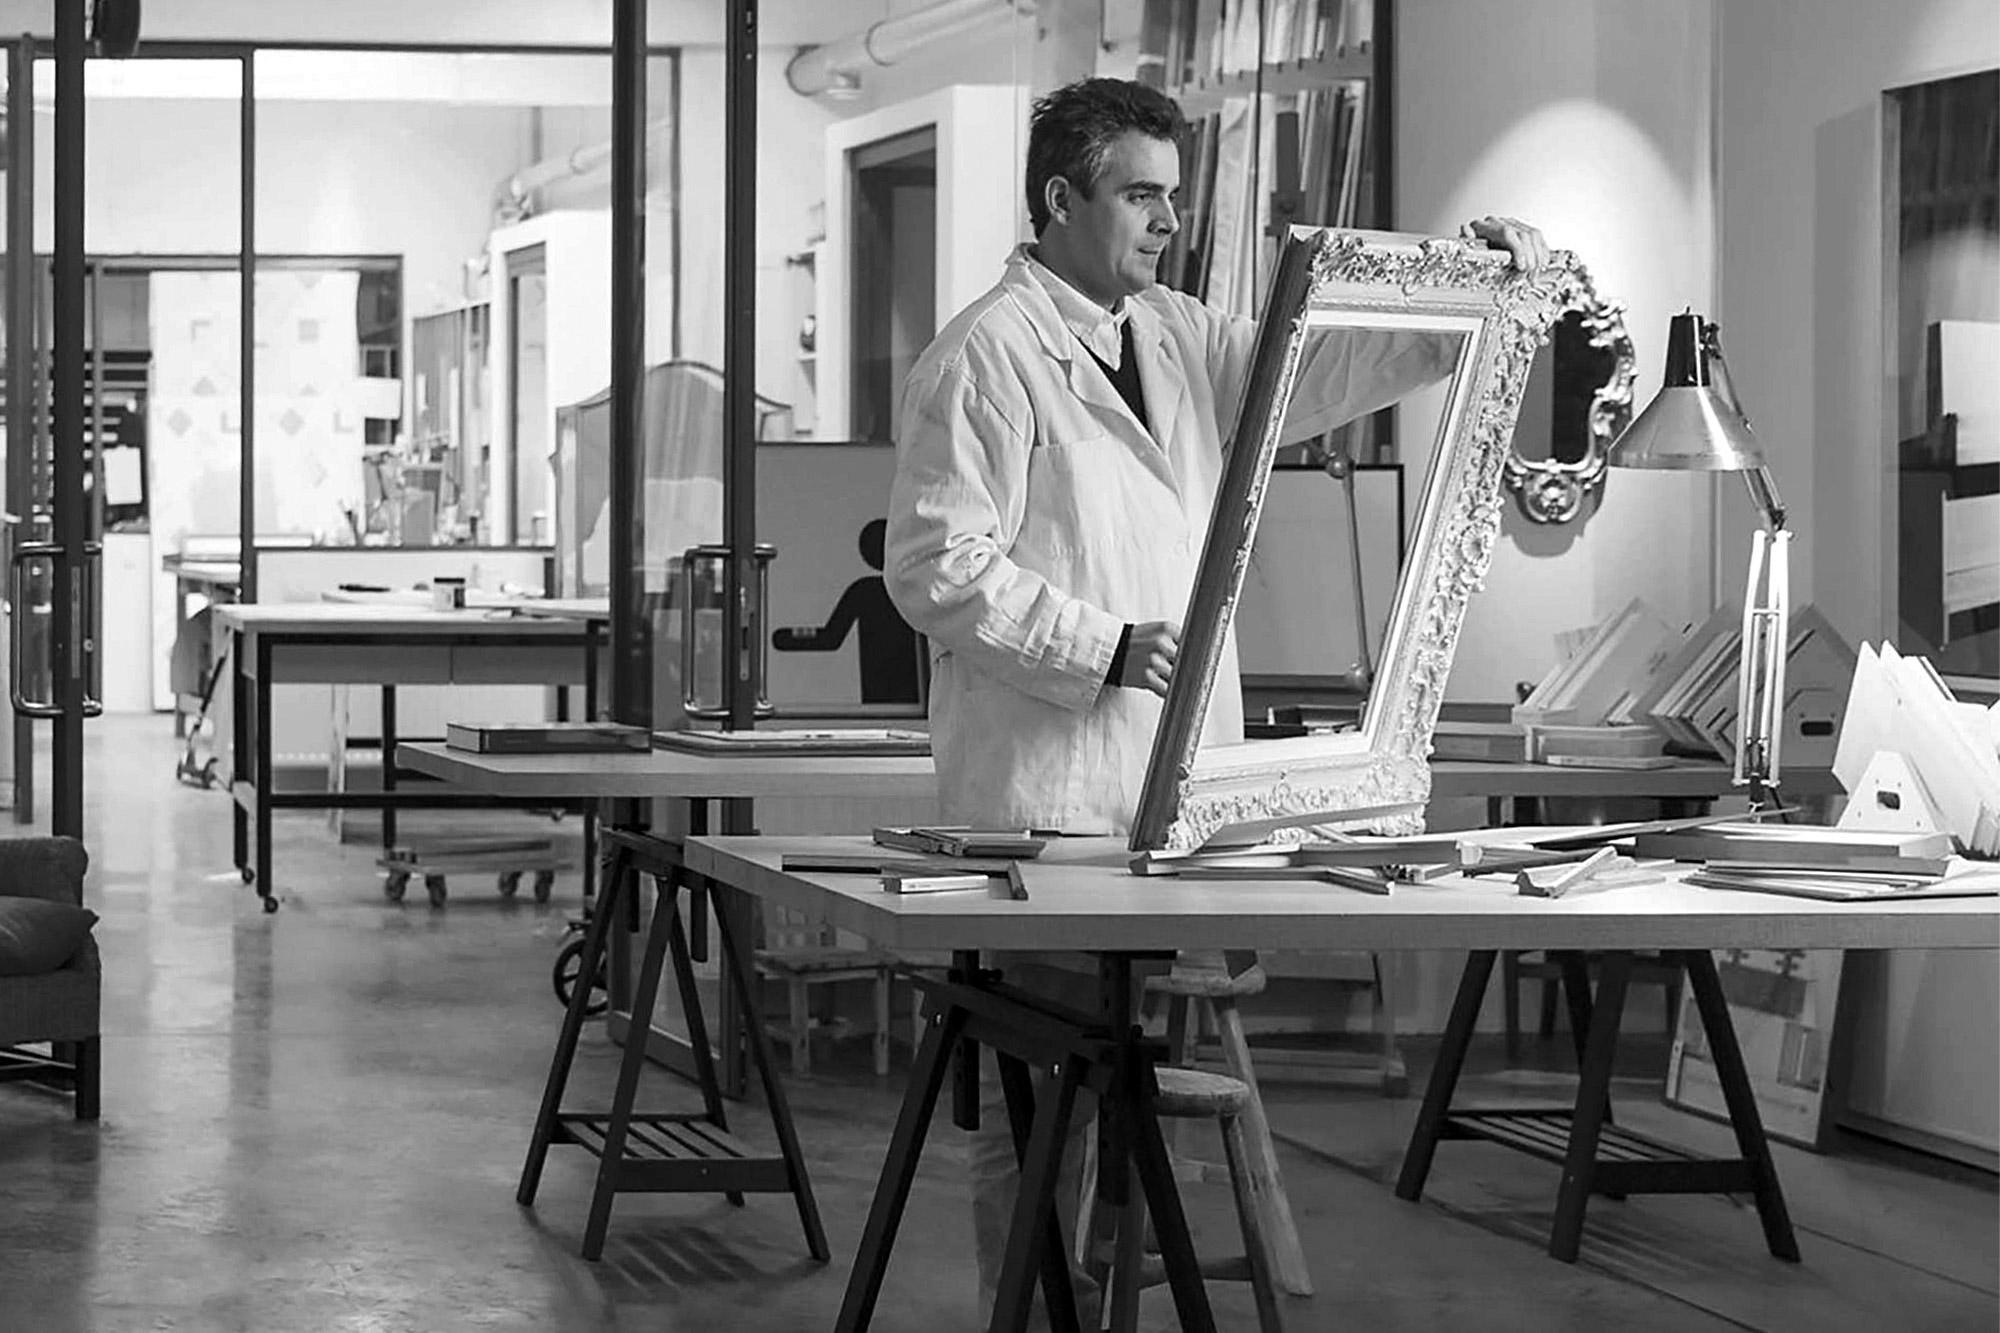 Neess encadrement atelier encadreur sur-mesure cadres standards de style rg gault restauration dorure rue du page chatelain bruxelles